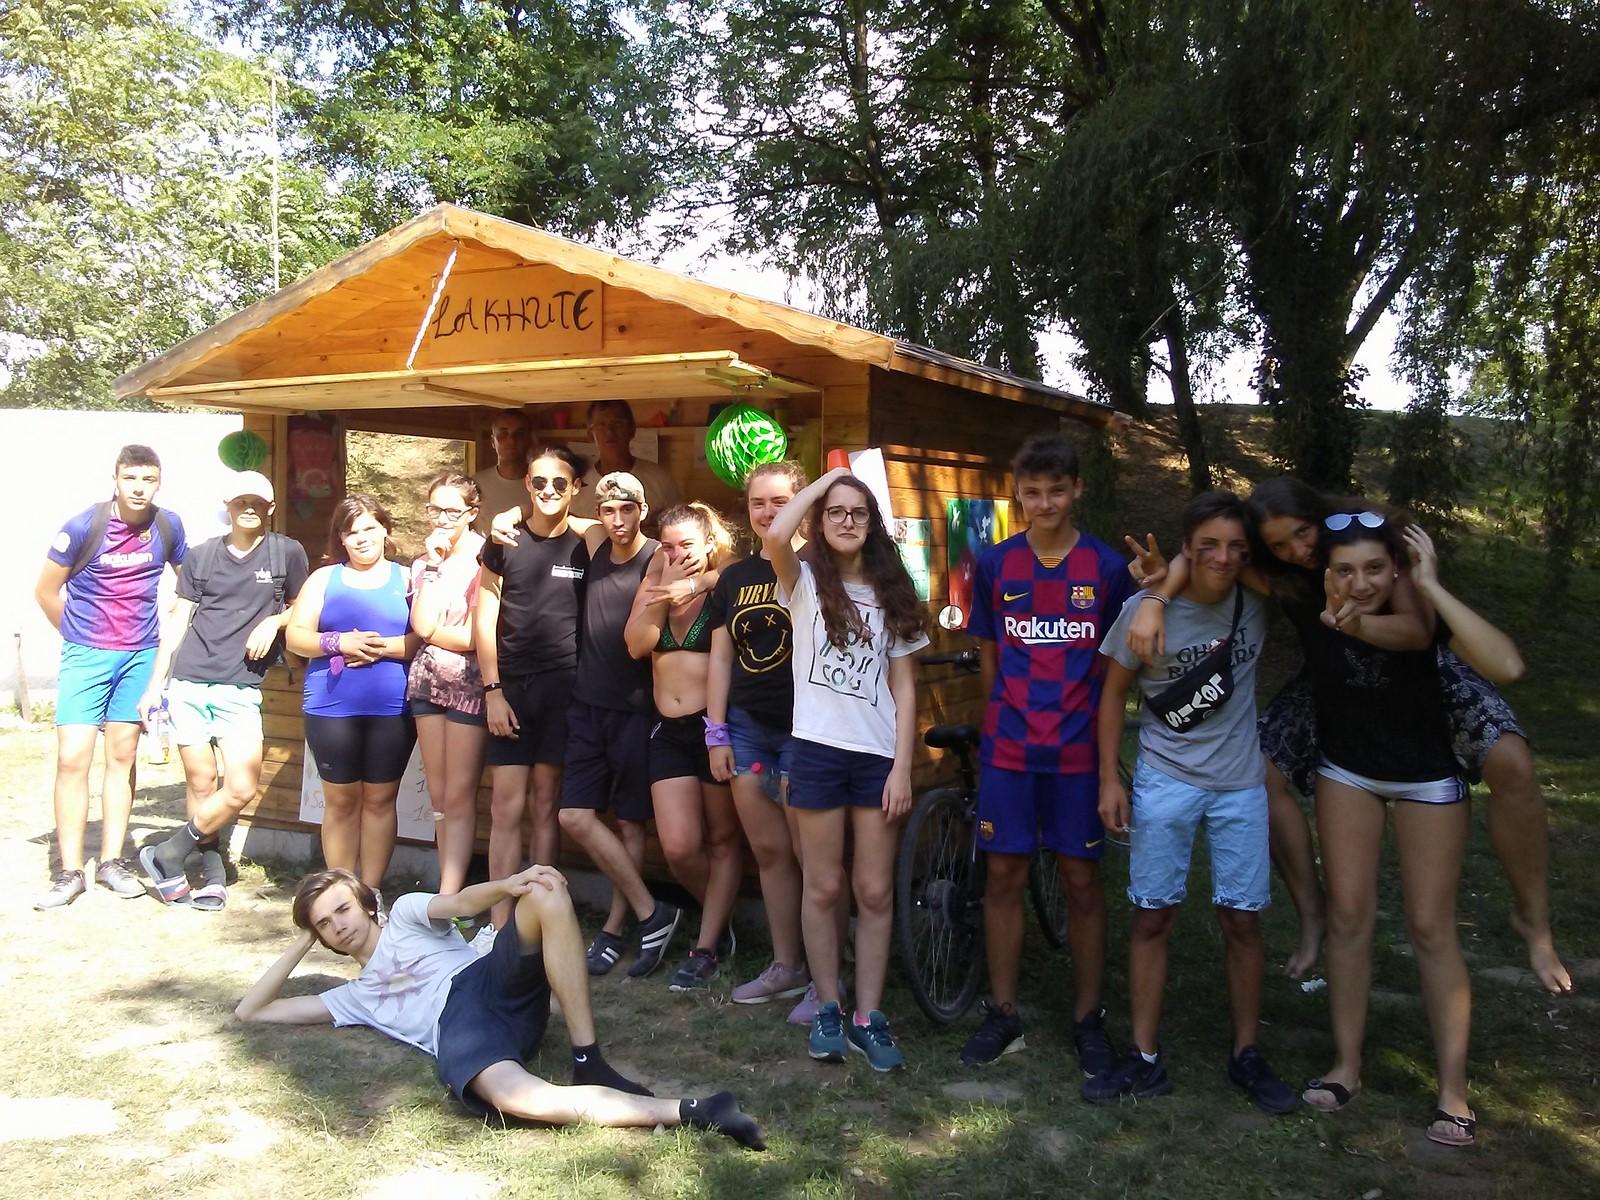 K-Hute-7-accueil-ephemere-de-juillet